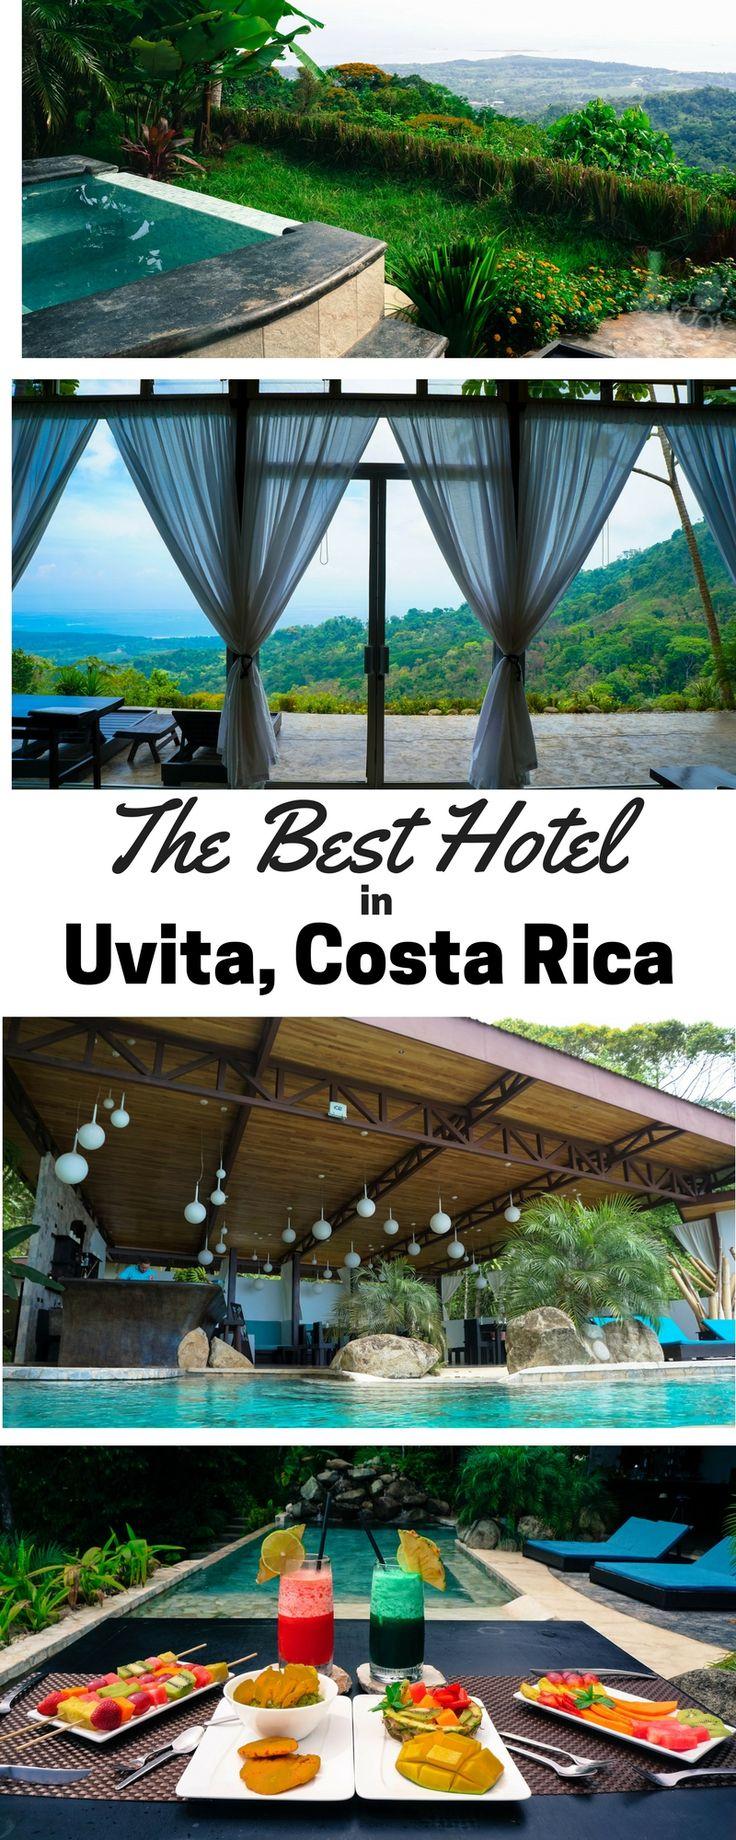 The Best Hotel in Uvita, Costa Rica